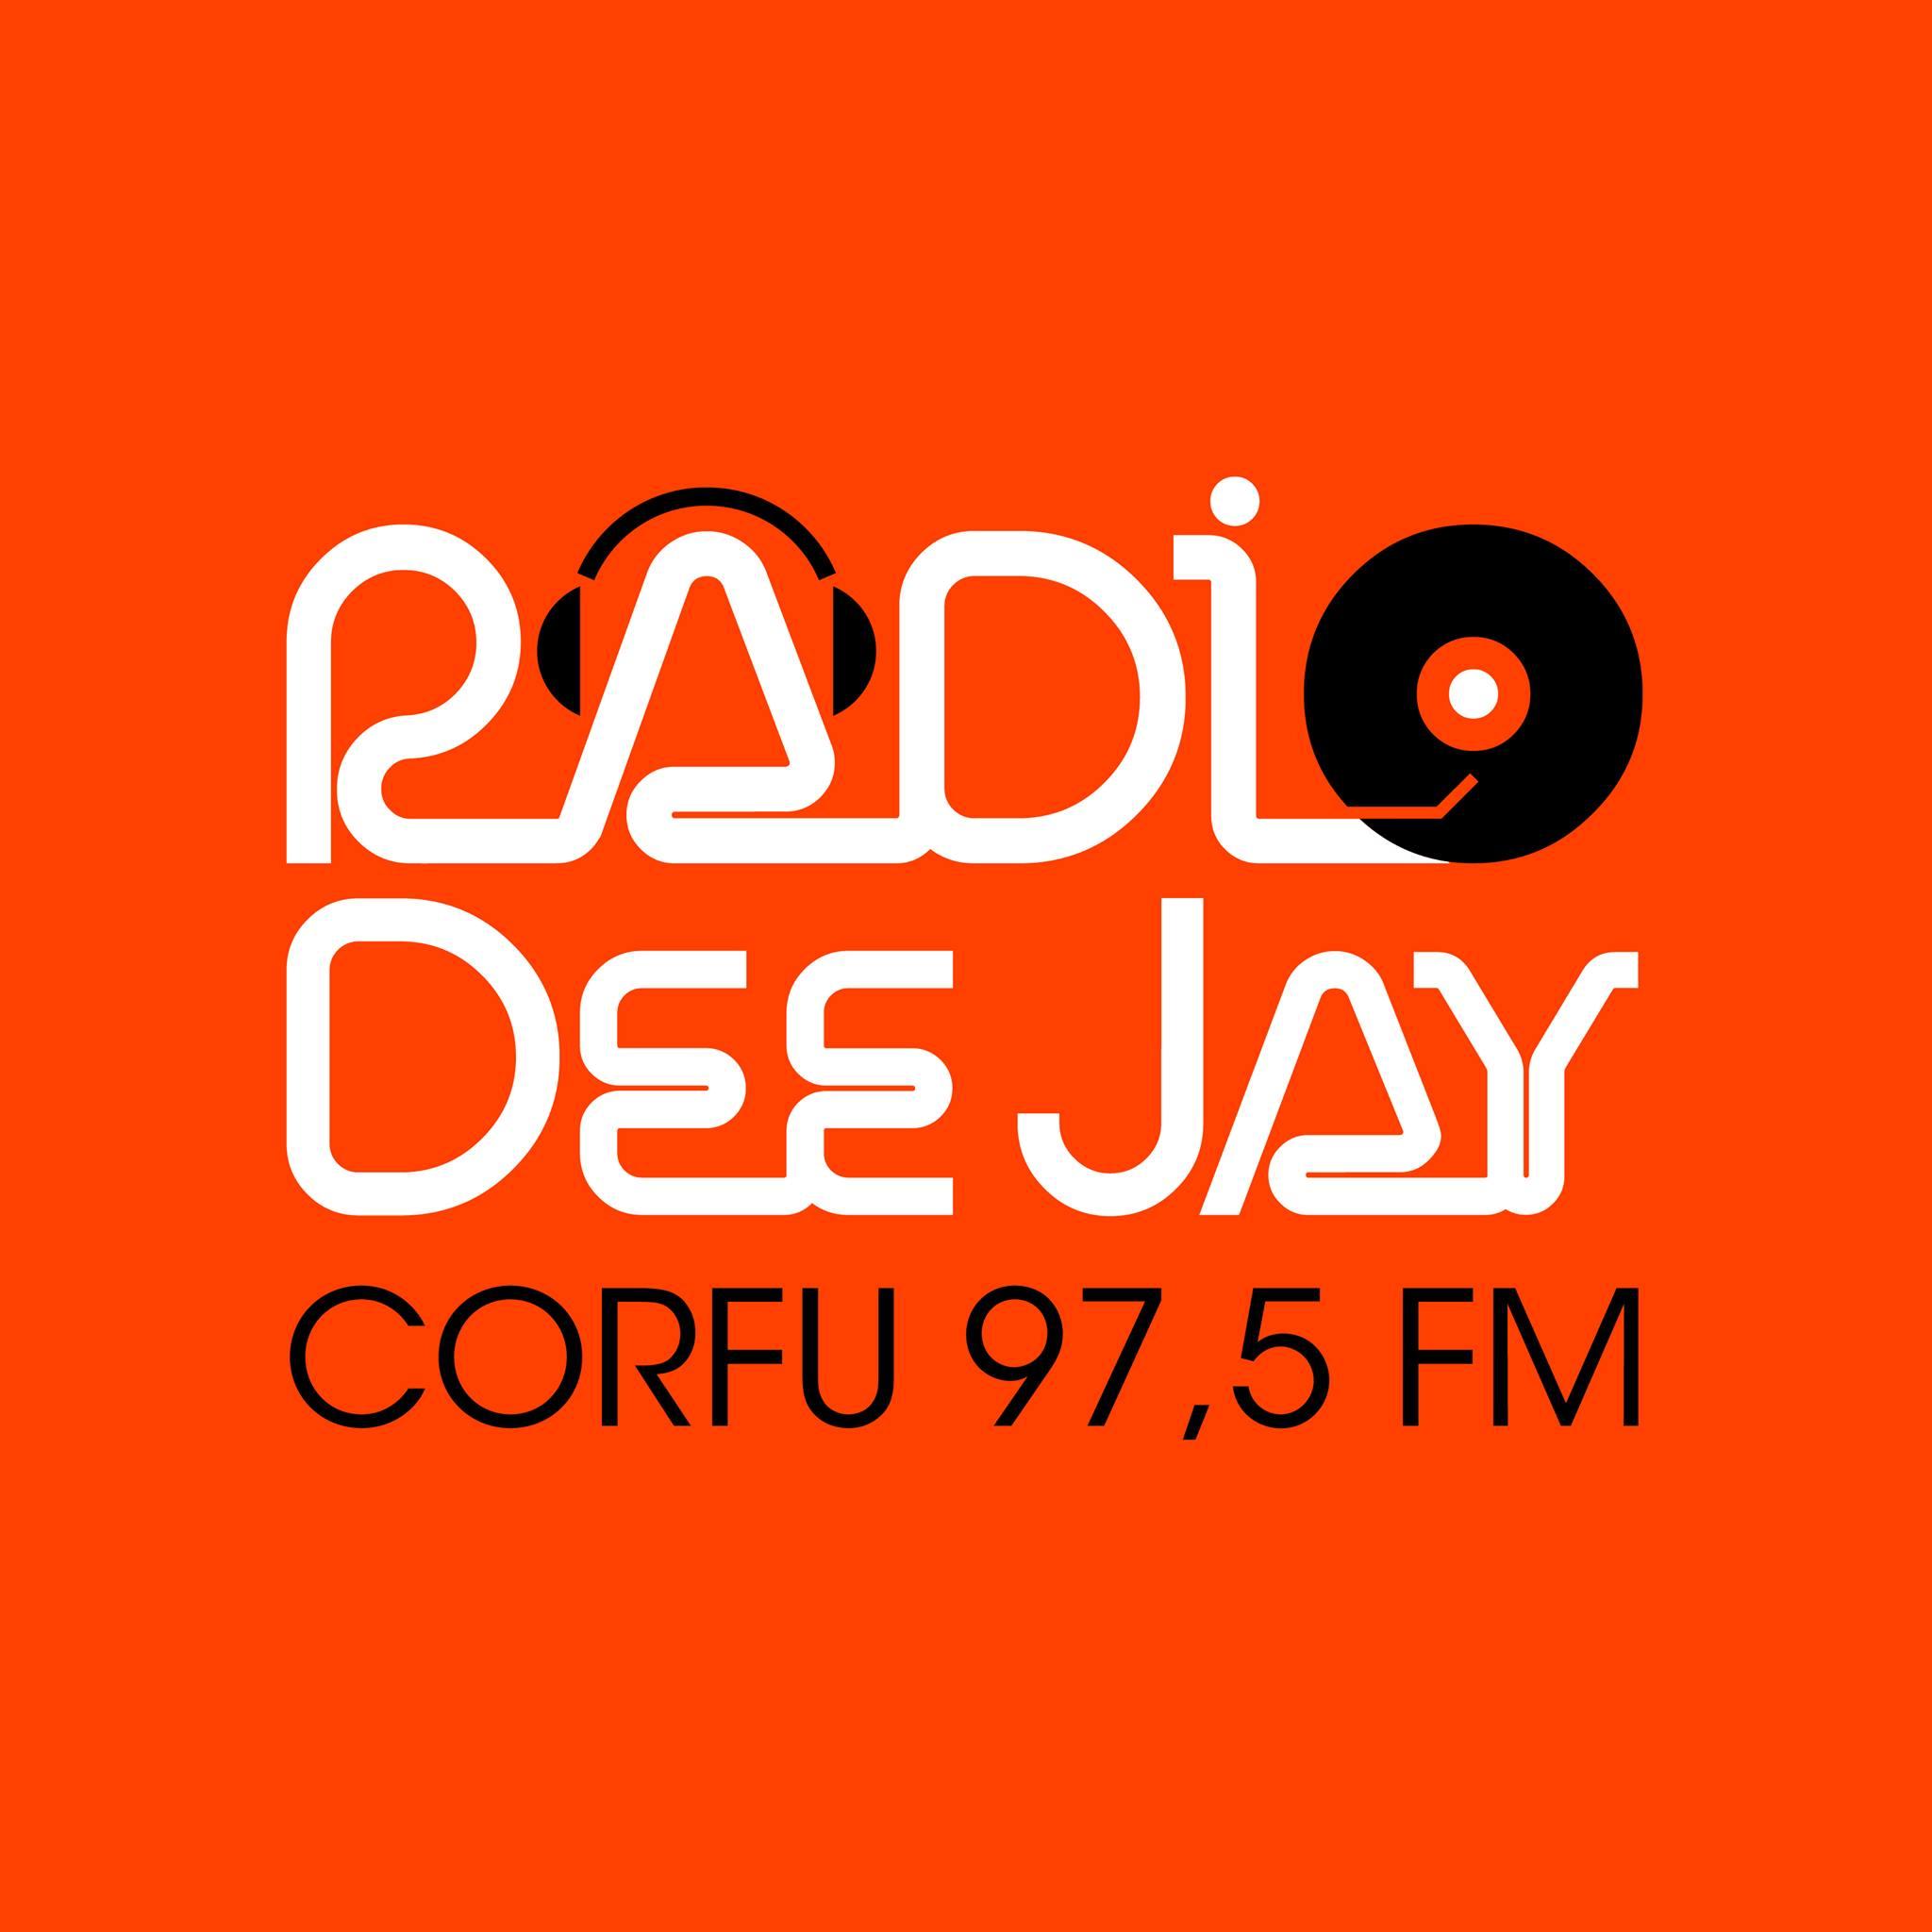 rádio DeeJay 97.5 FM Grécia, Corfu